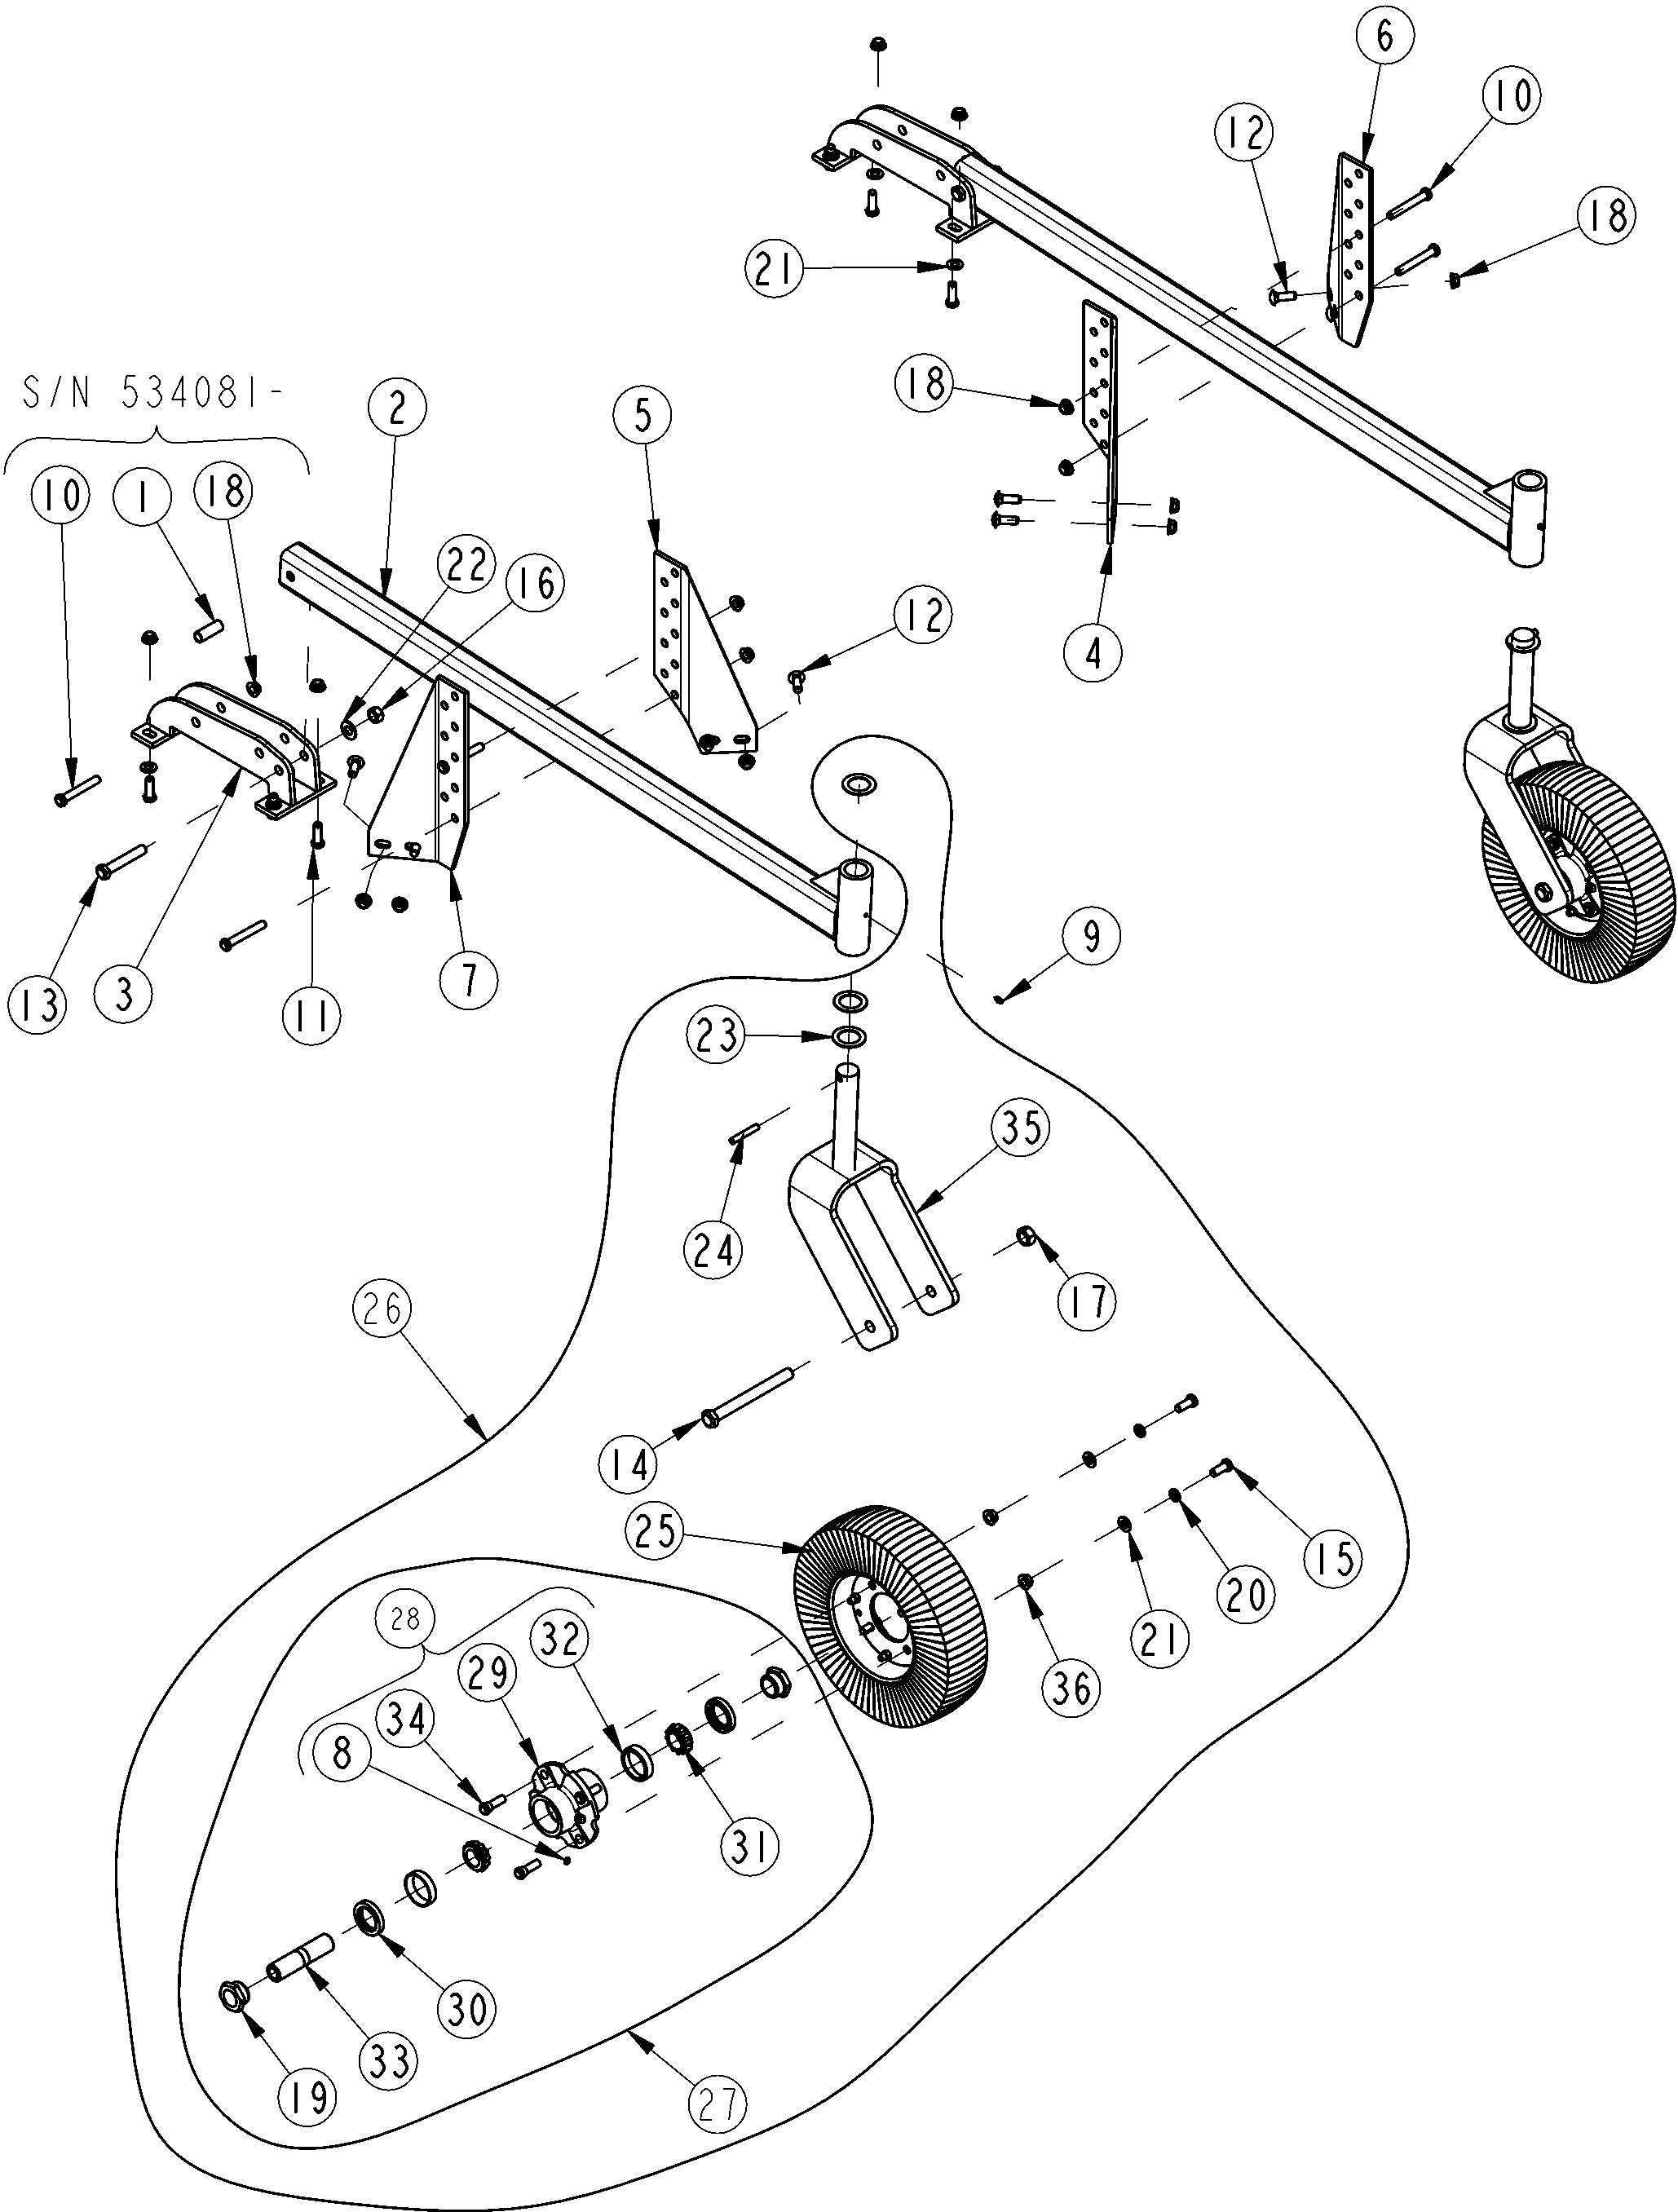 12 string guitar gauge wiring diagram database Guitar Pickup Wiring Diagrams 12 string guitar gauge wiring diagram database mid price 12 string guitar 12 string guitar gauge